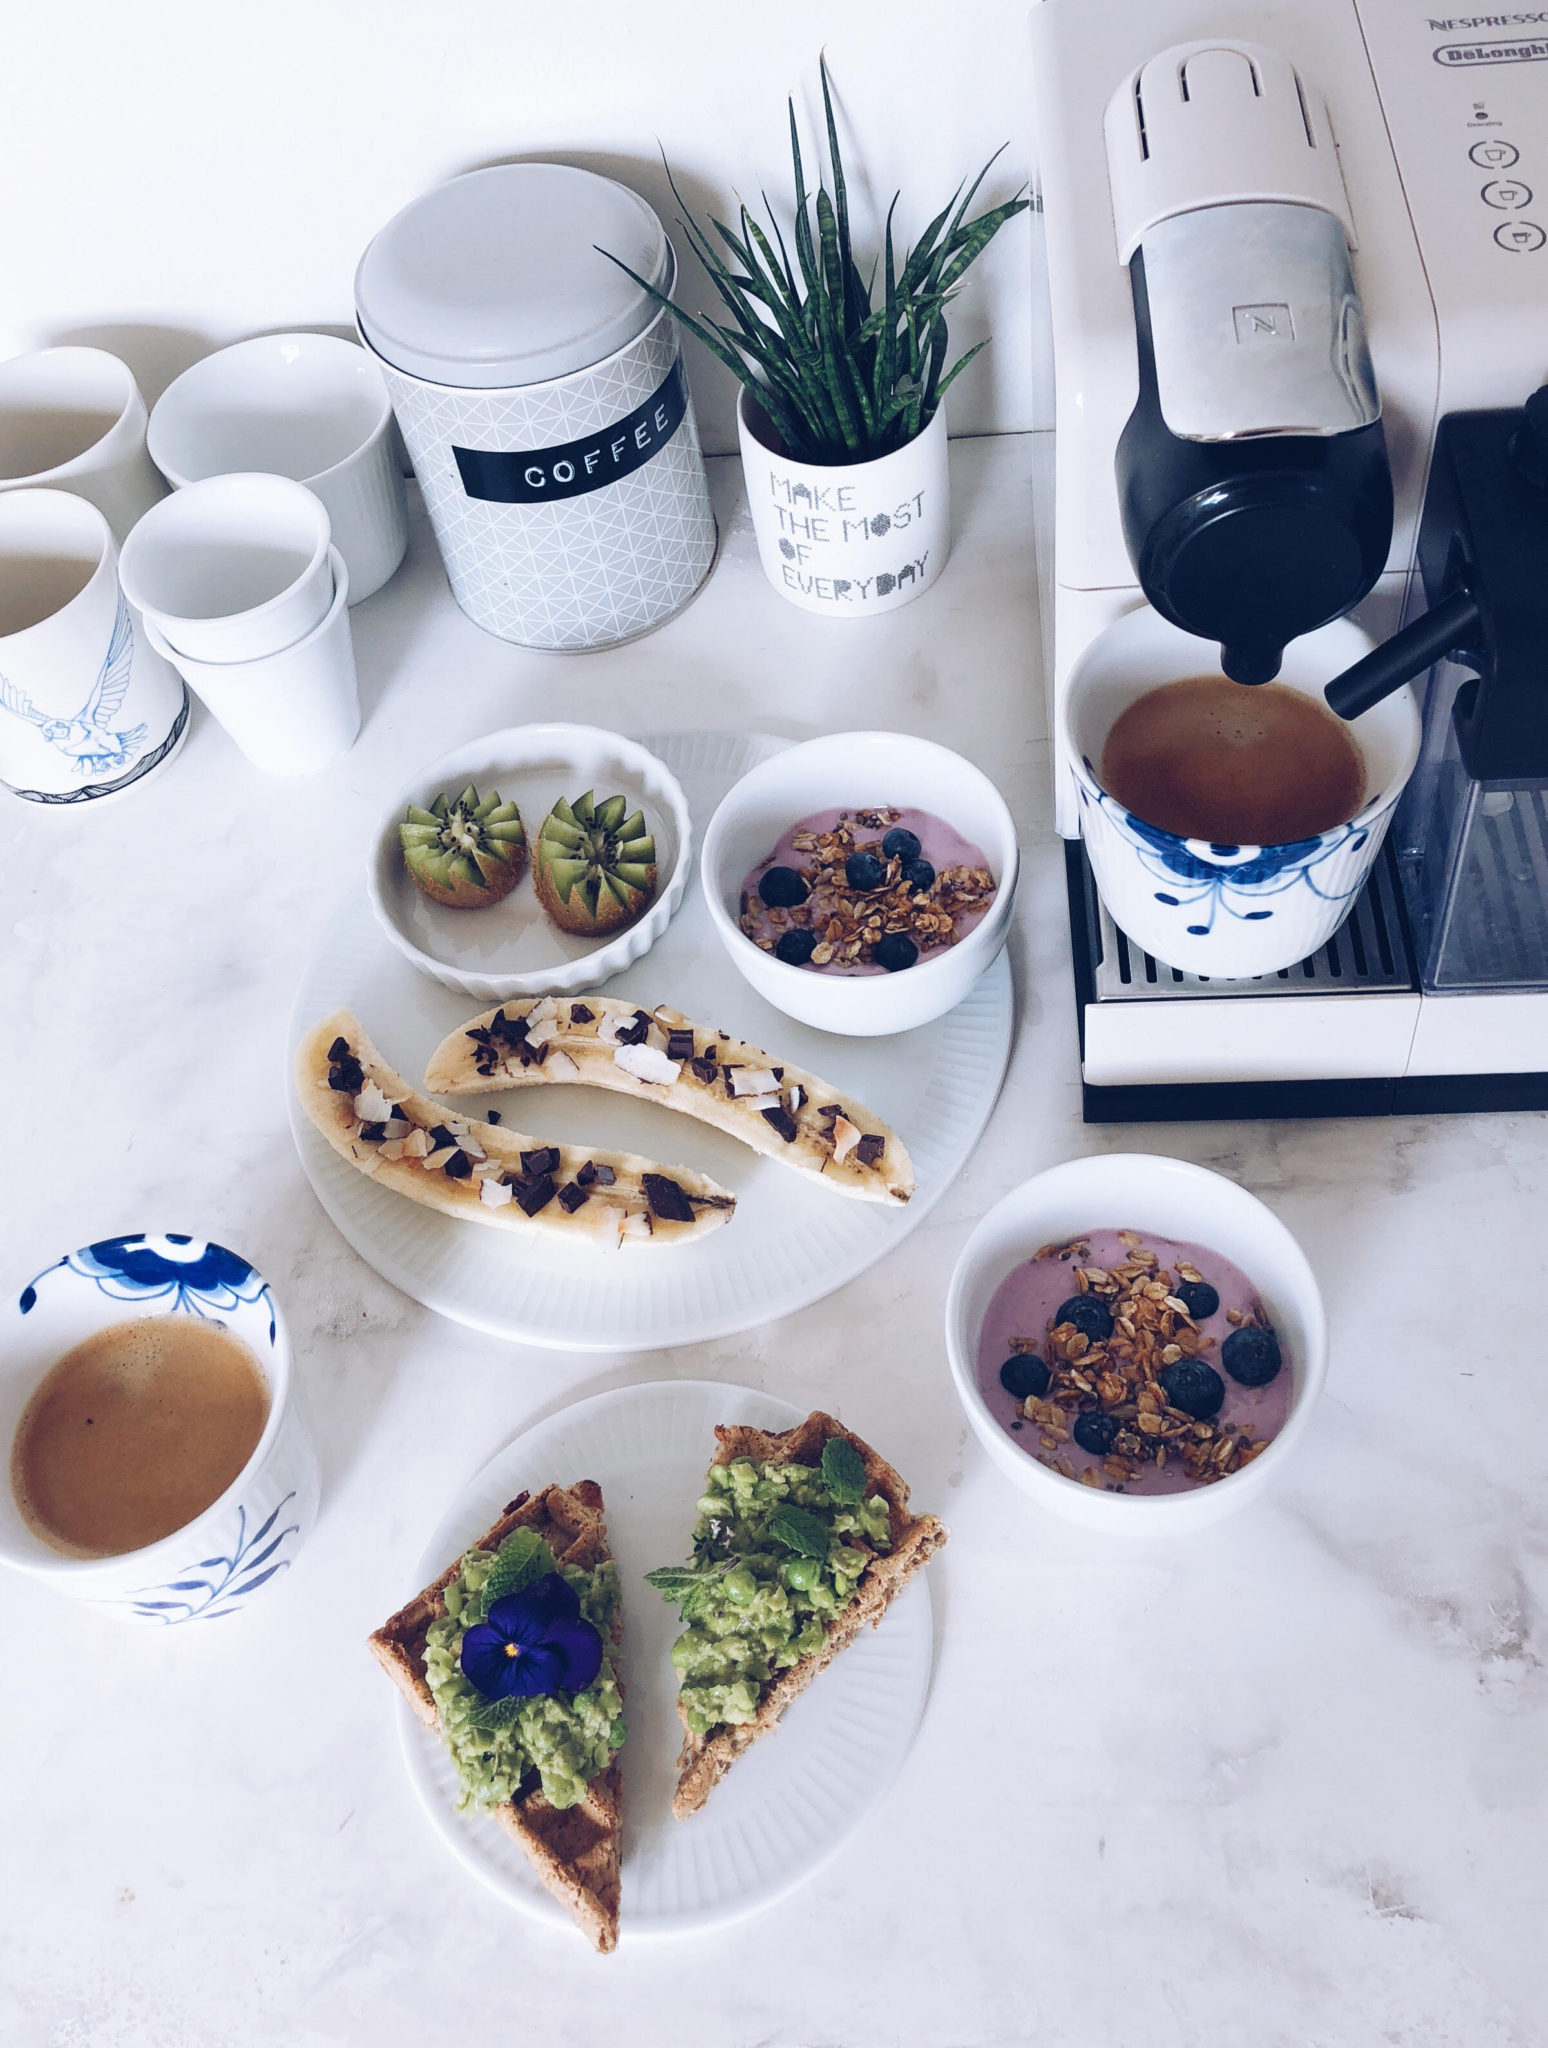 kaffe morgenmad nespresso; bananer med pynt, yoghurt med müsli og kiwistjerner